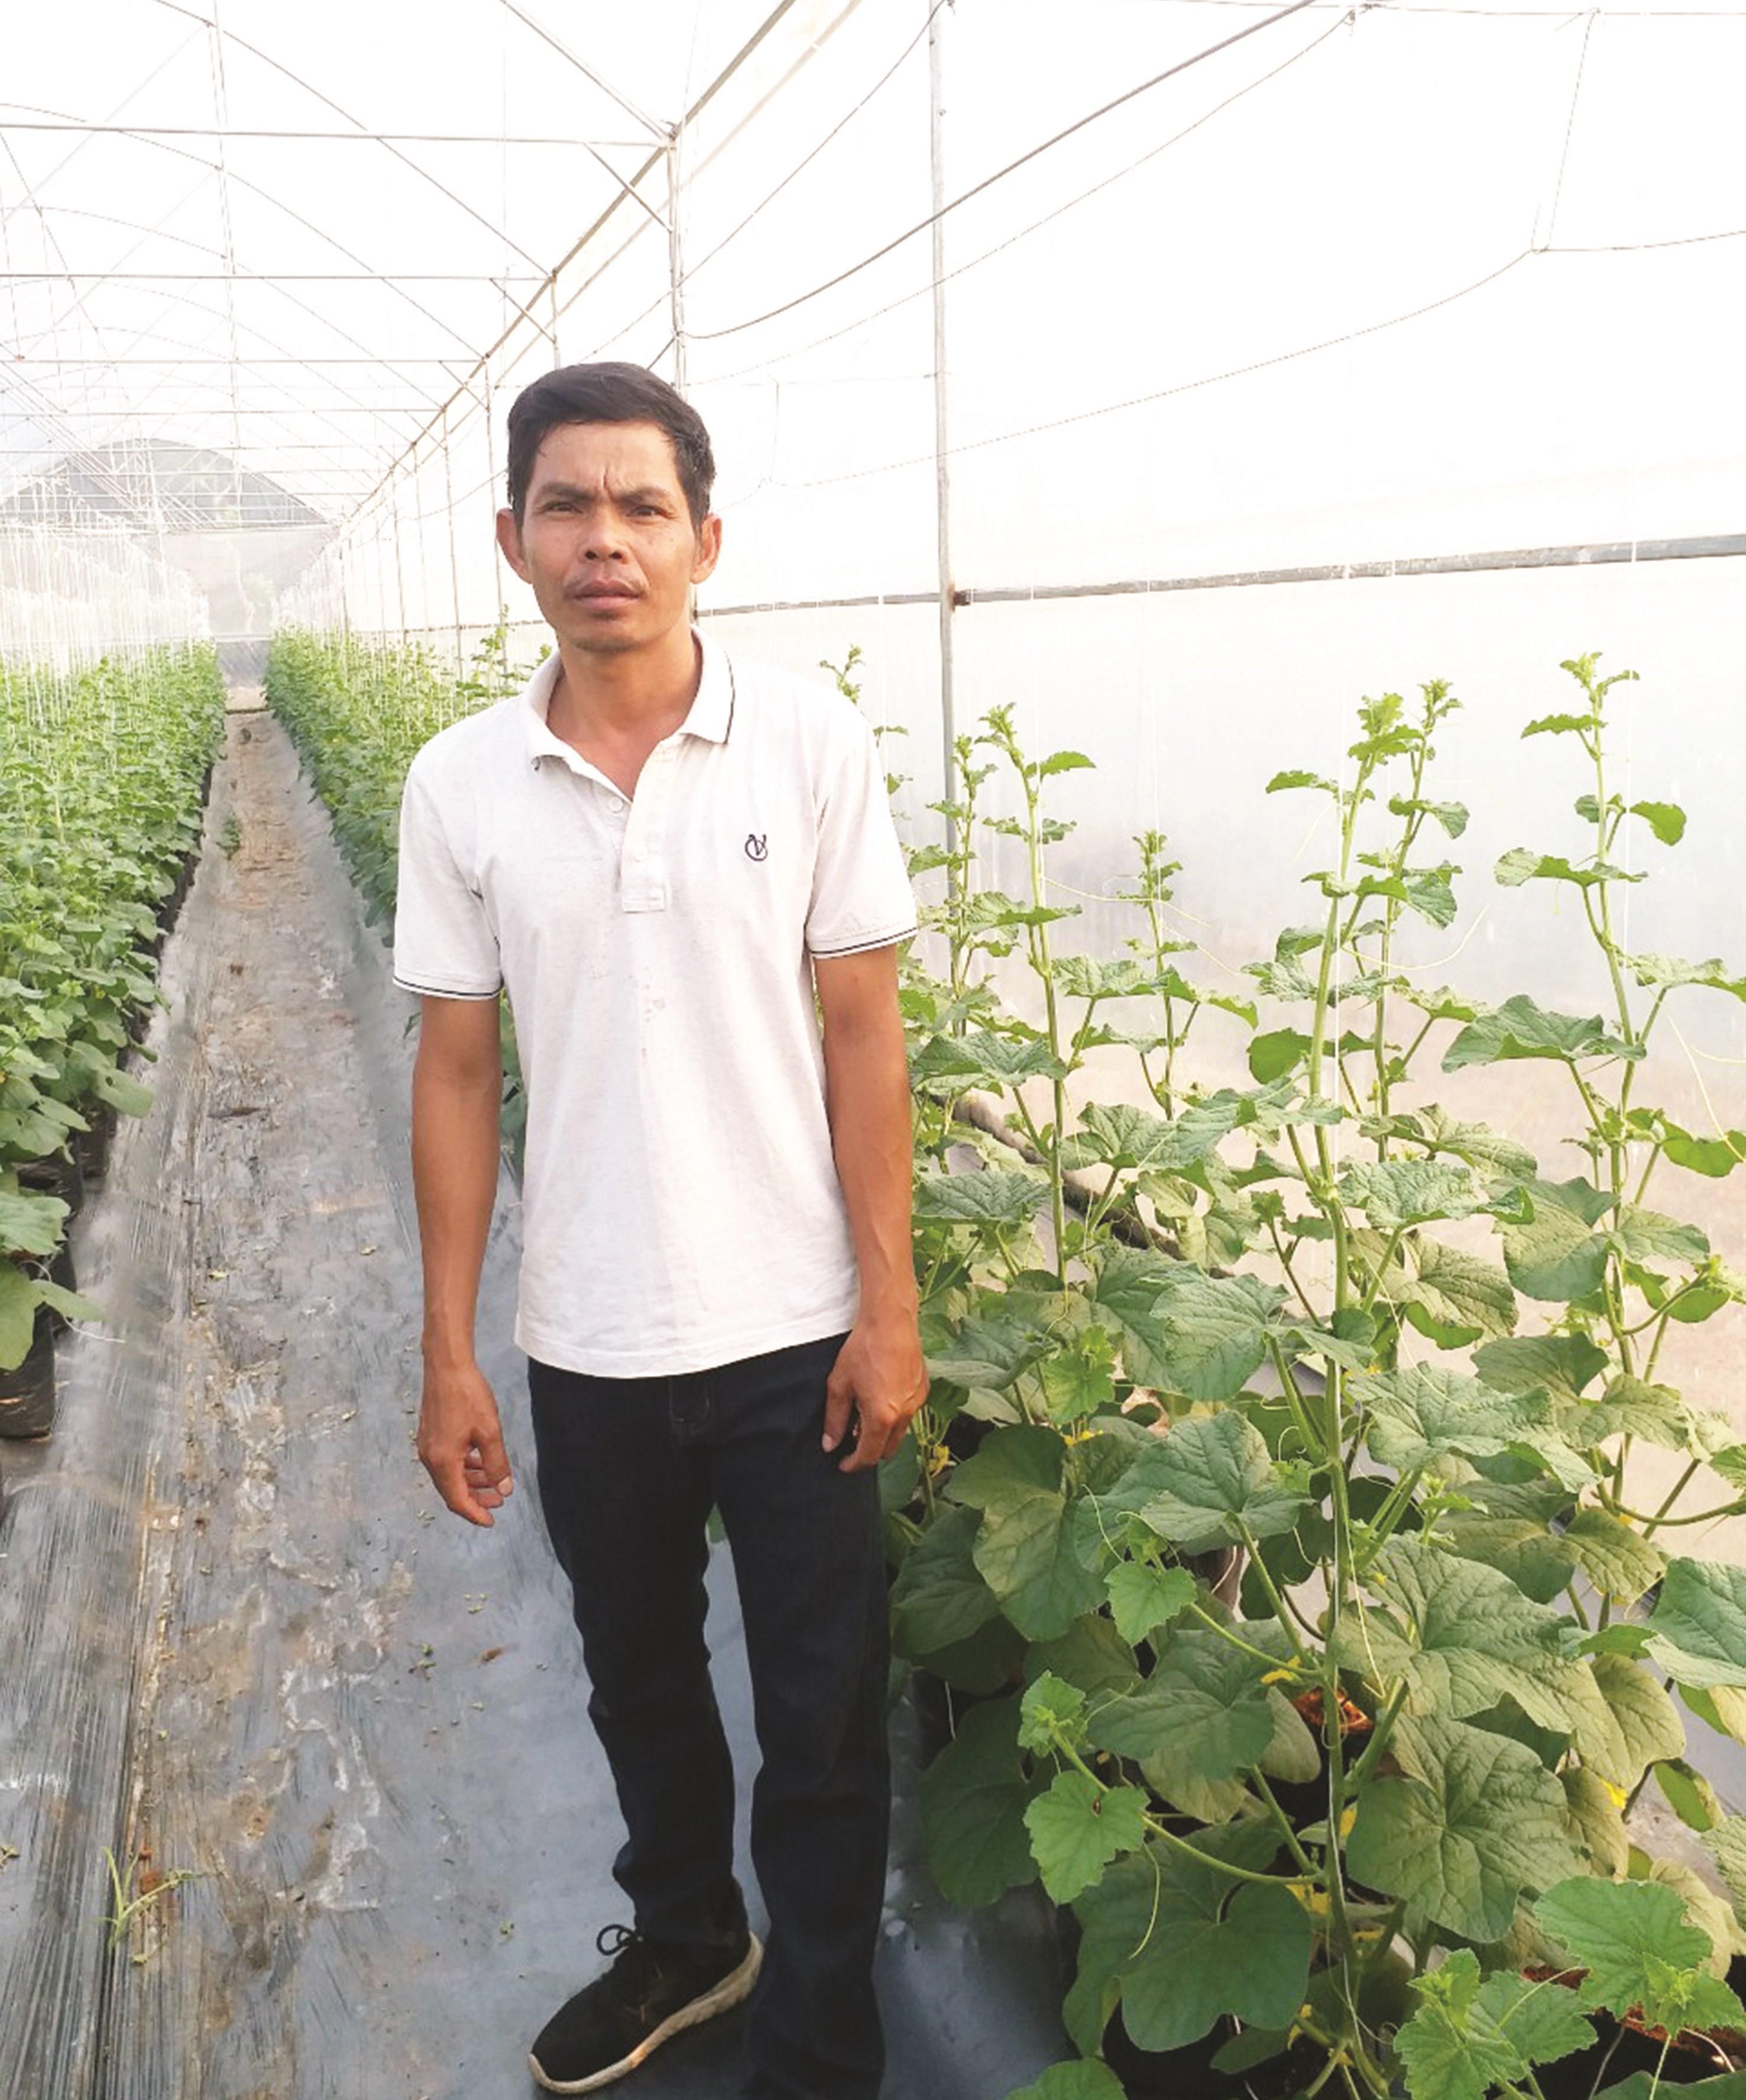 Anh Lâm Bao trong vườn trồng dưa lưới